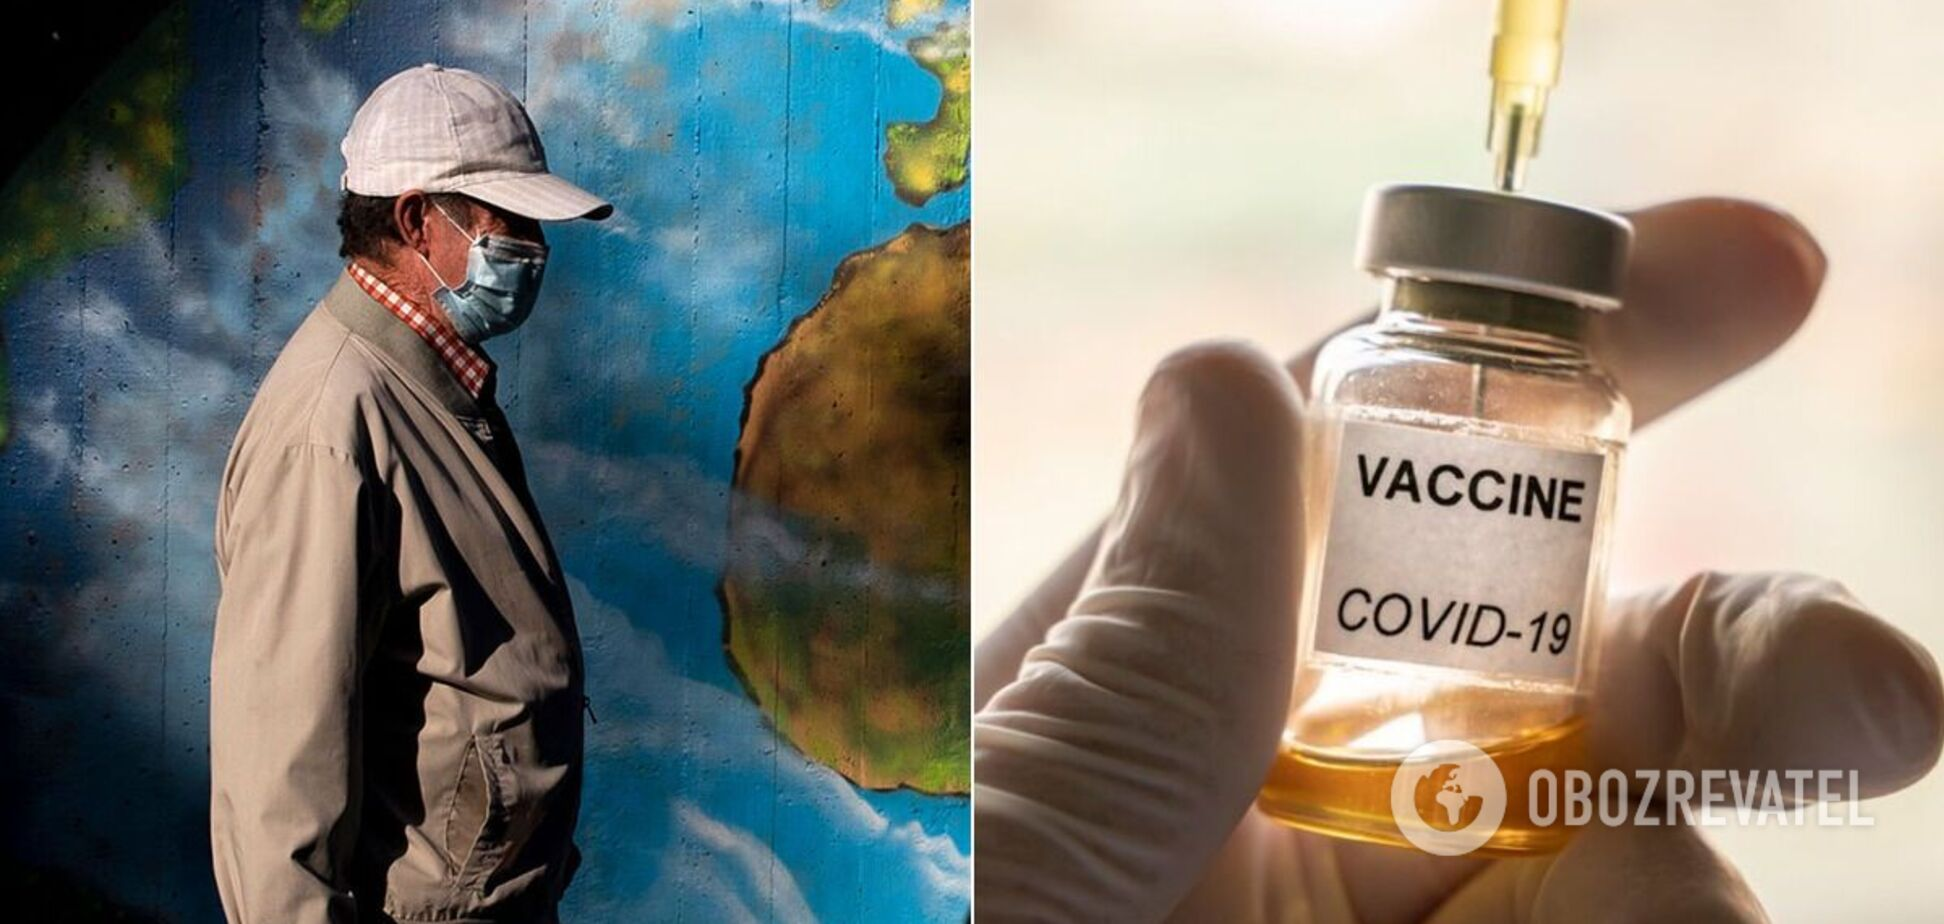 Вакцины против коронавируса